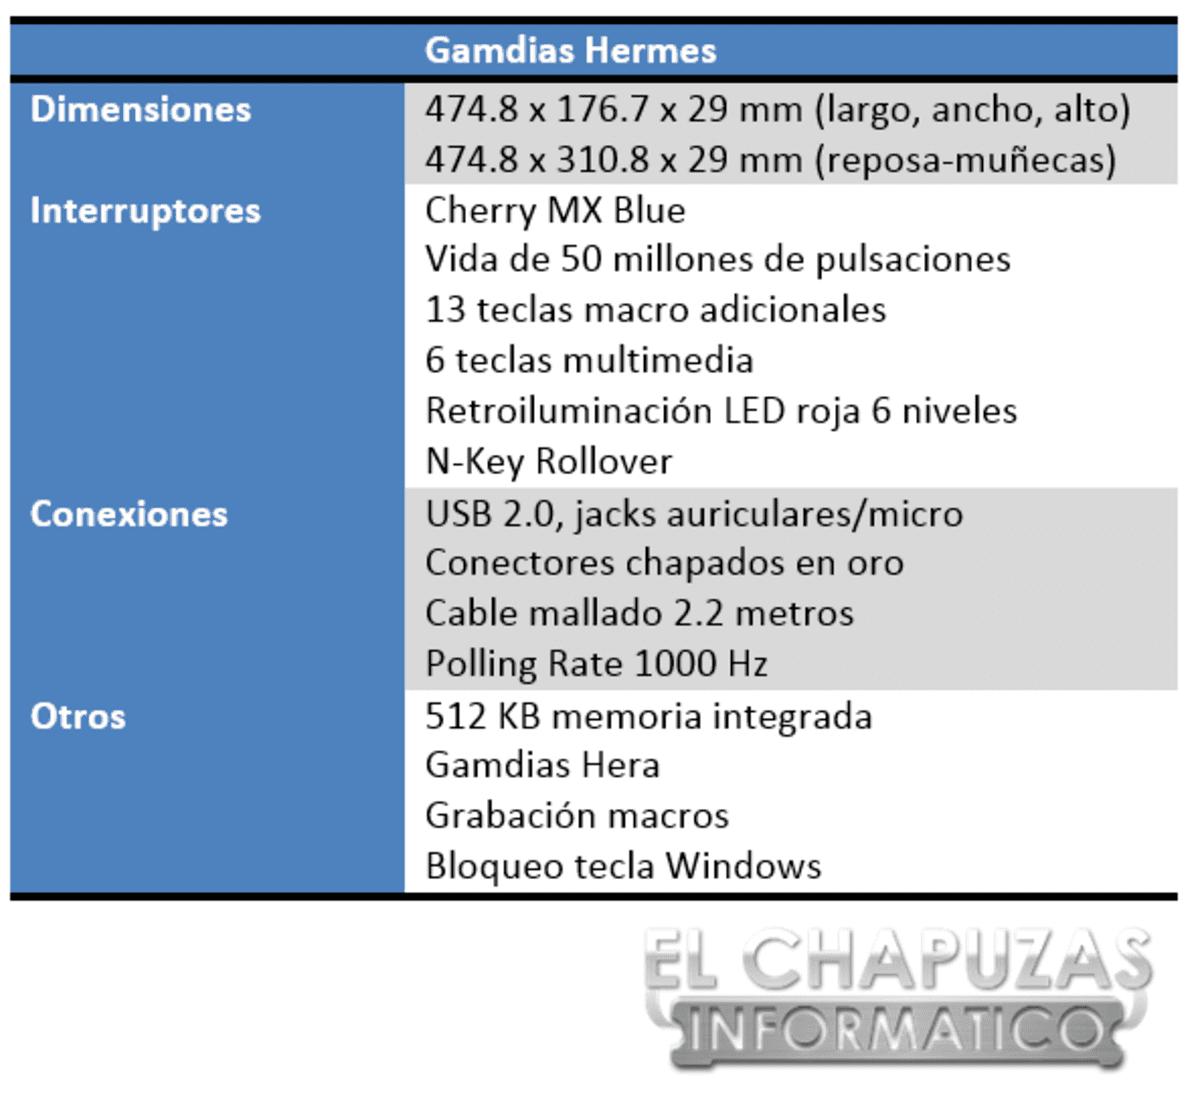 lchapuzasinformatico.com wp content uploads 2013 11 Gamdias Hermes Especificaciones 2